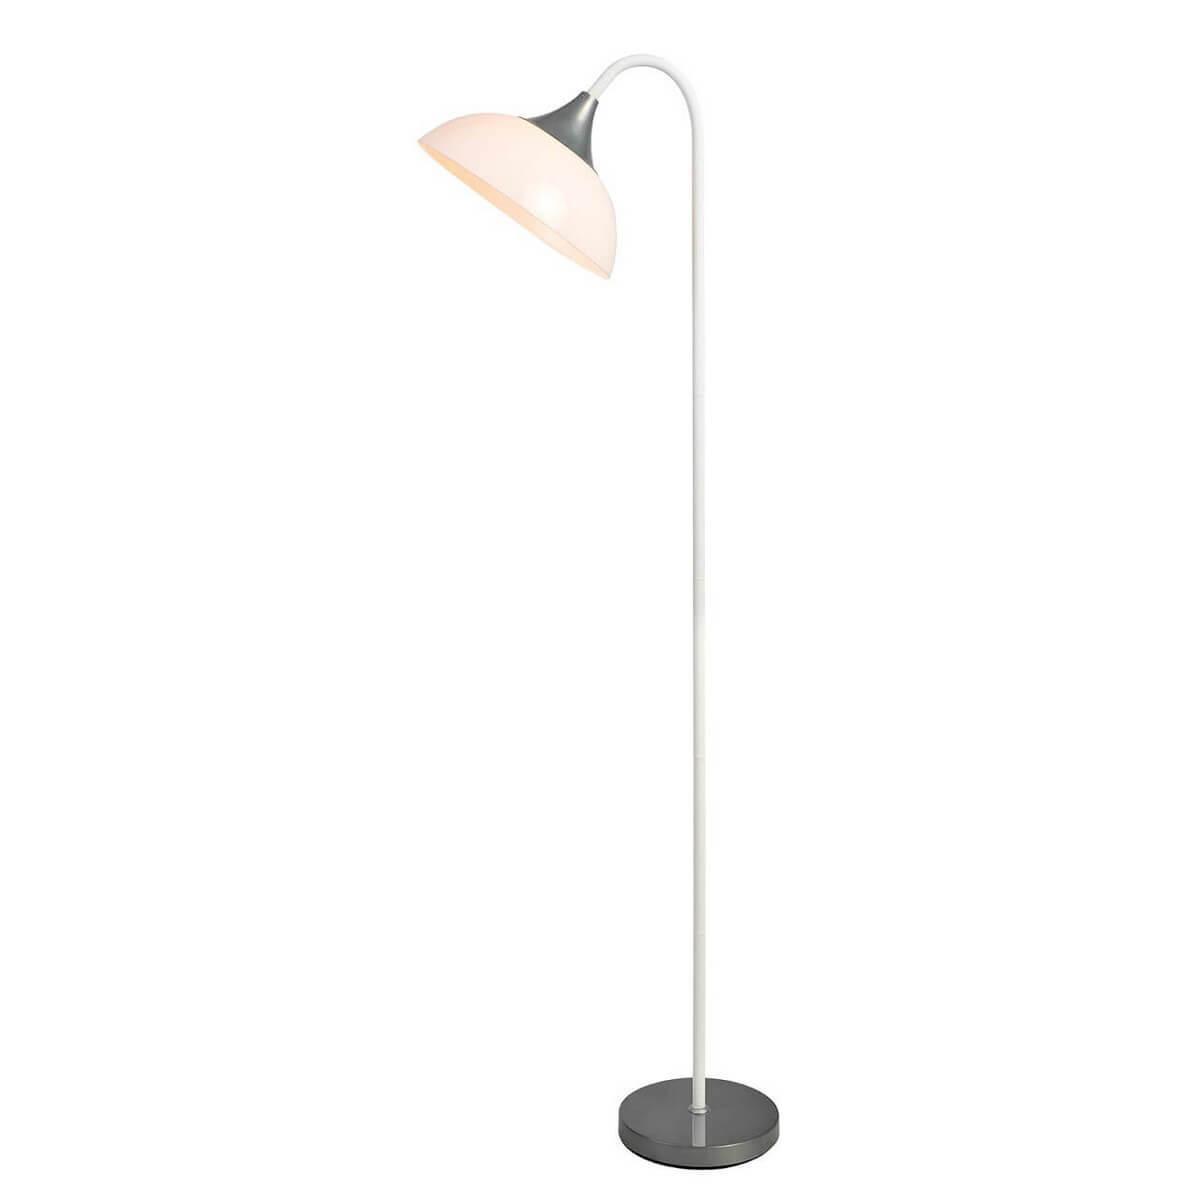 Напольный светильник Lussole LSP-0506, E27, 60 Вт торшер lussole lgo lsp 9908